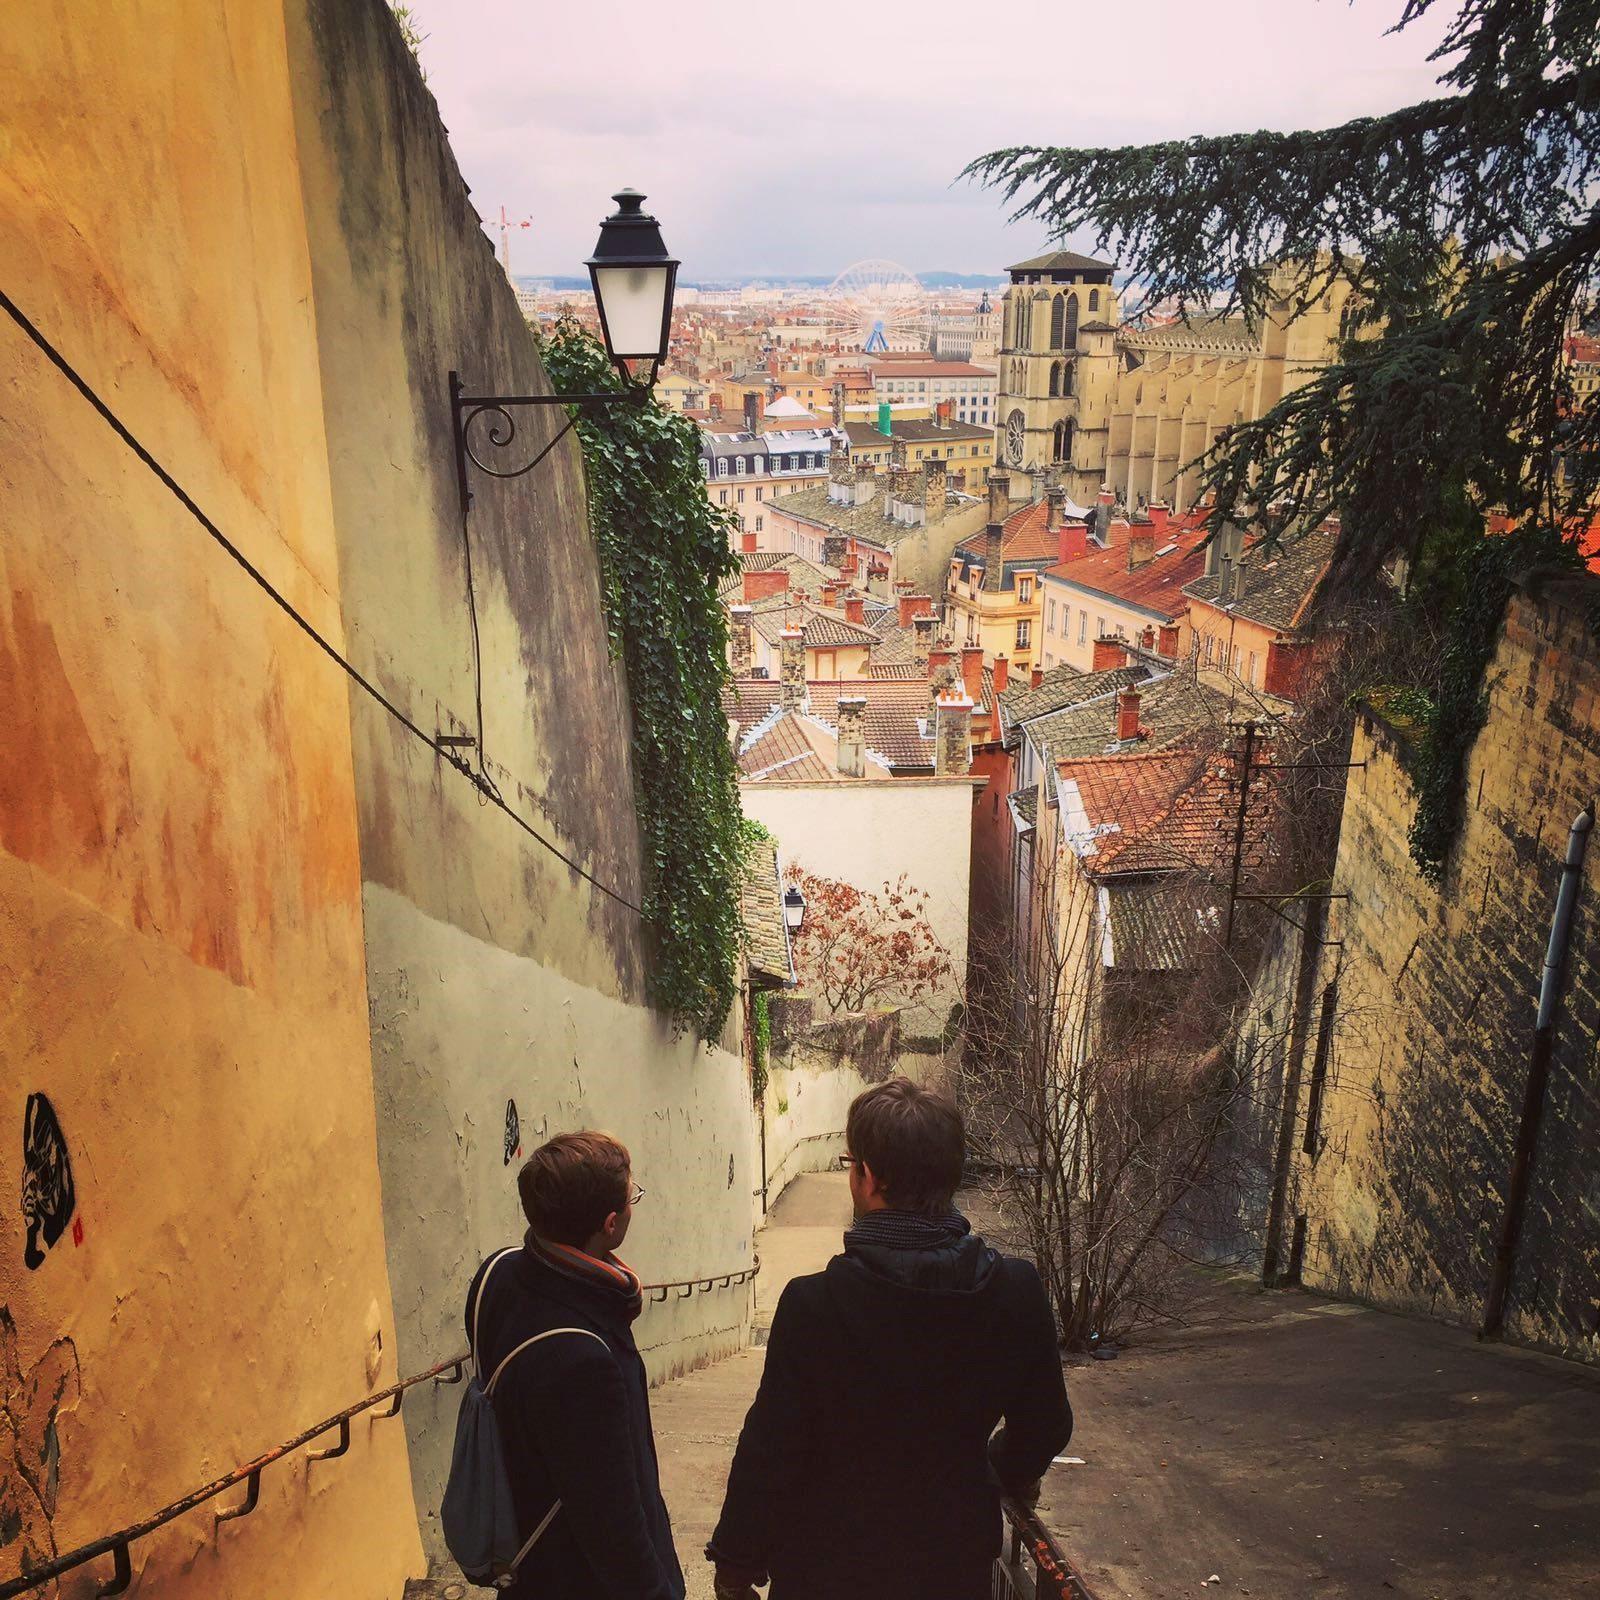 © Michael Reisinger, Blick auf die Altstadt mit der Cathédrale Saint-Jean